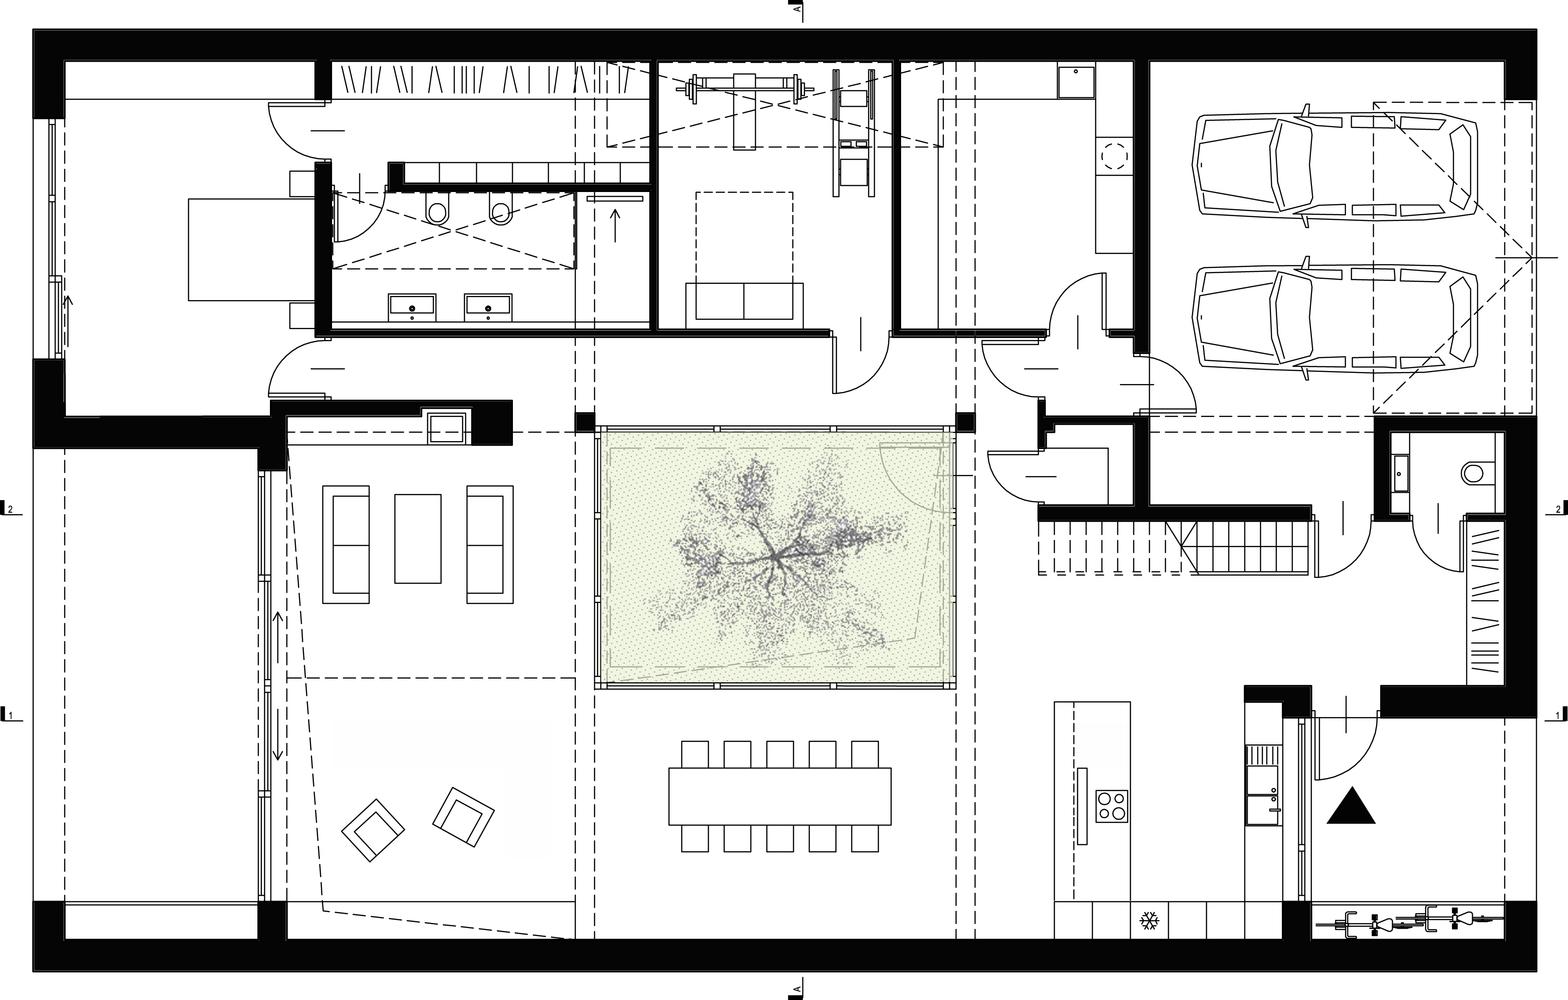 Courtyard House,Ground Floor Plan